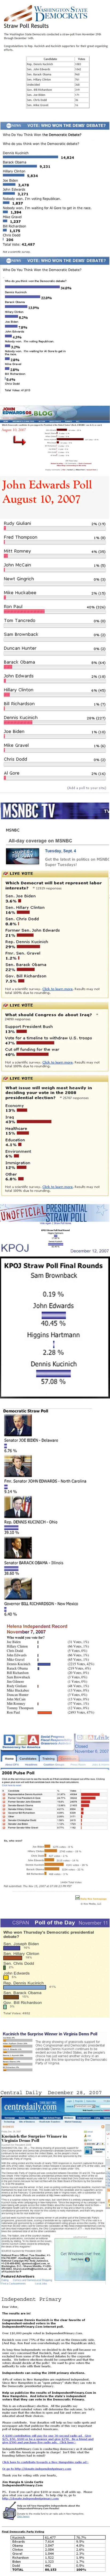 polls01.jpg